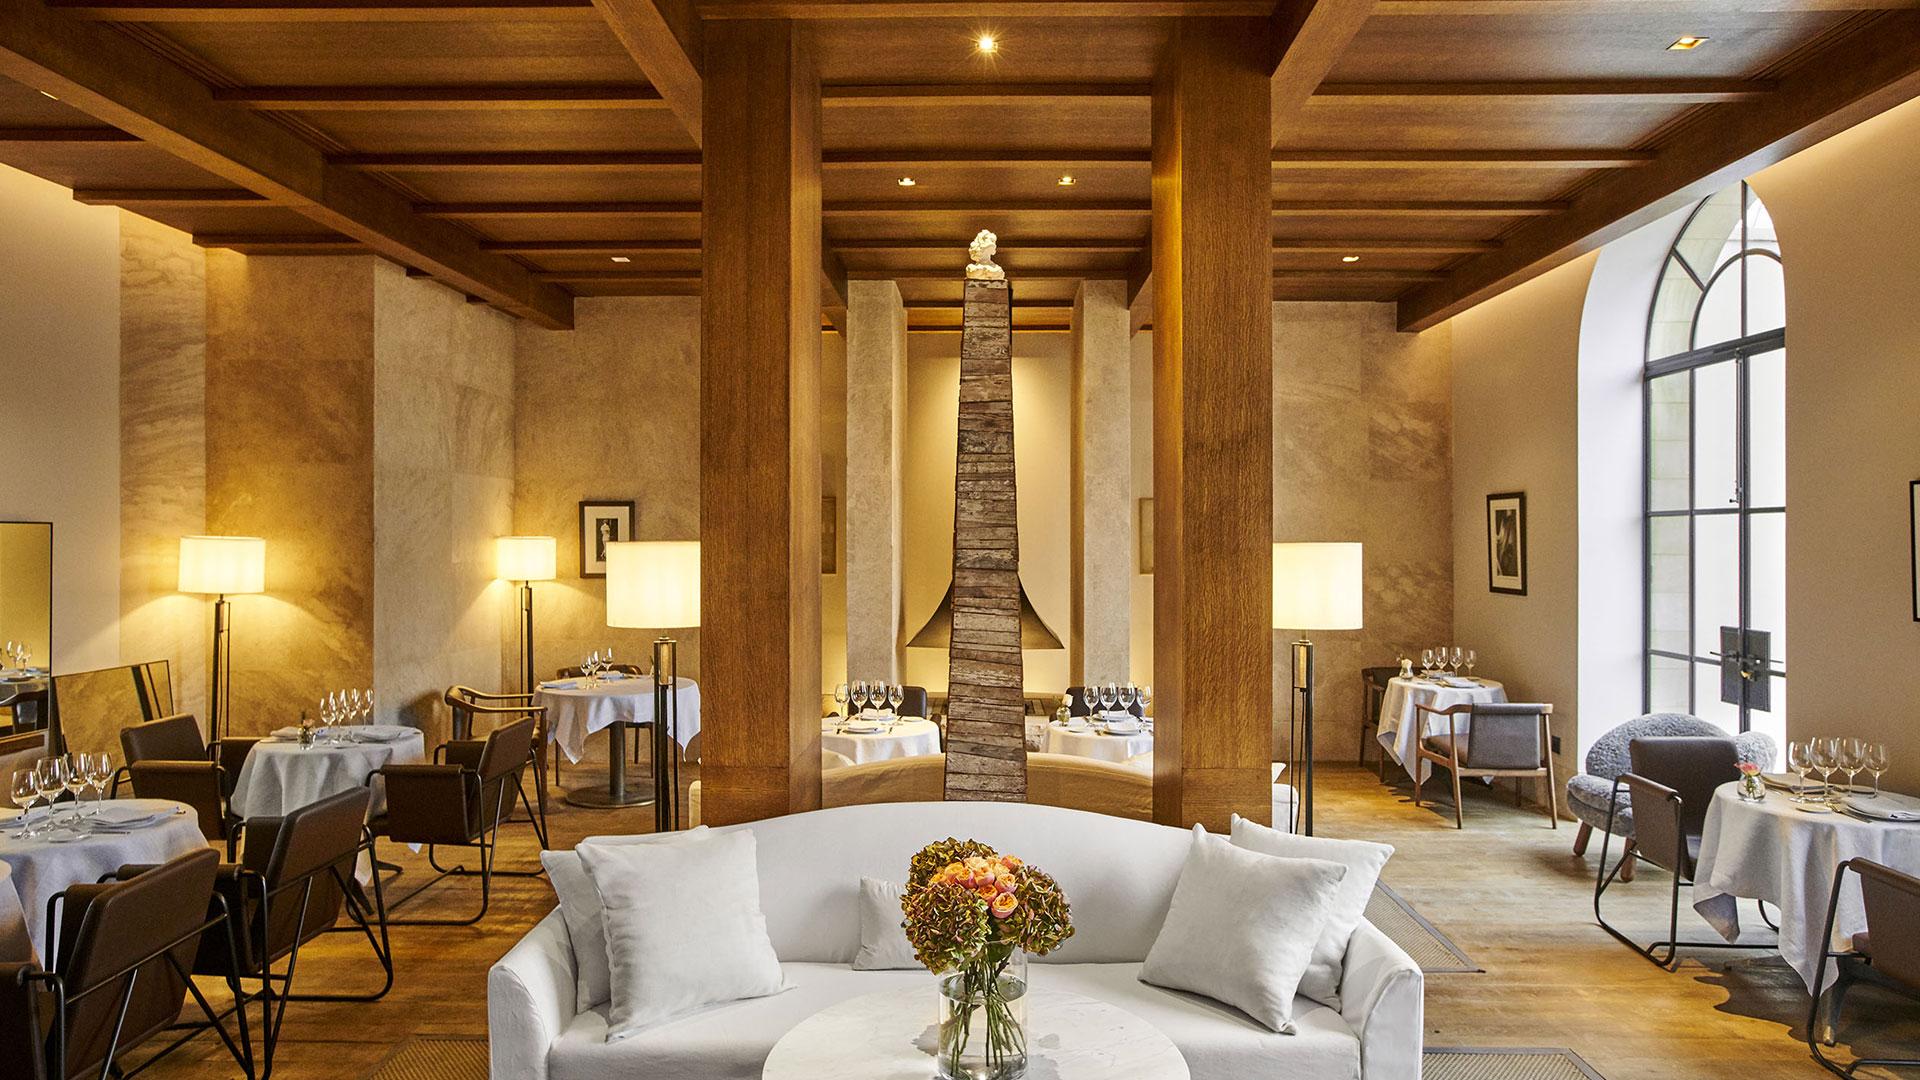 Restaurant gastronomique en provence h tel de luxe villa - Le salon de la photo ...